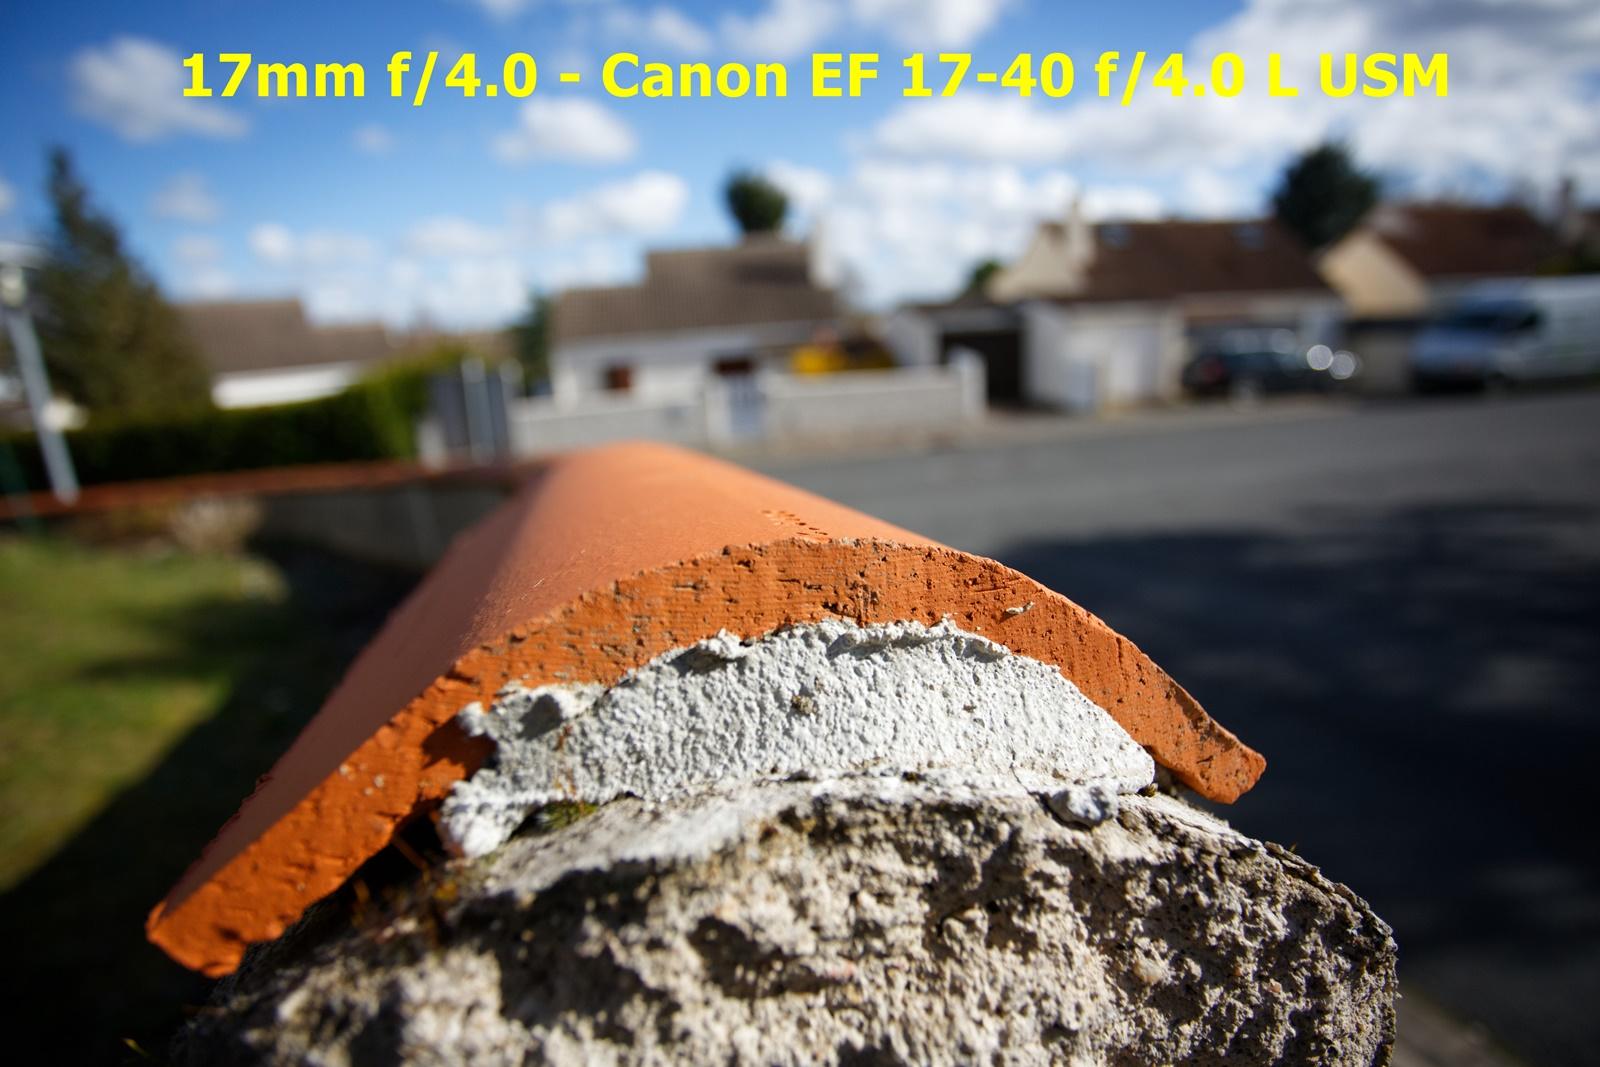 test et avis sur canon 17-40 sur Canon Eos 5D mark III - beanico-photo.fr